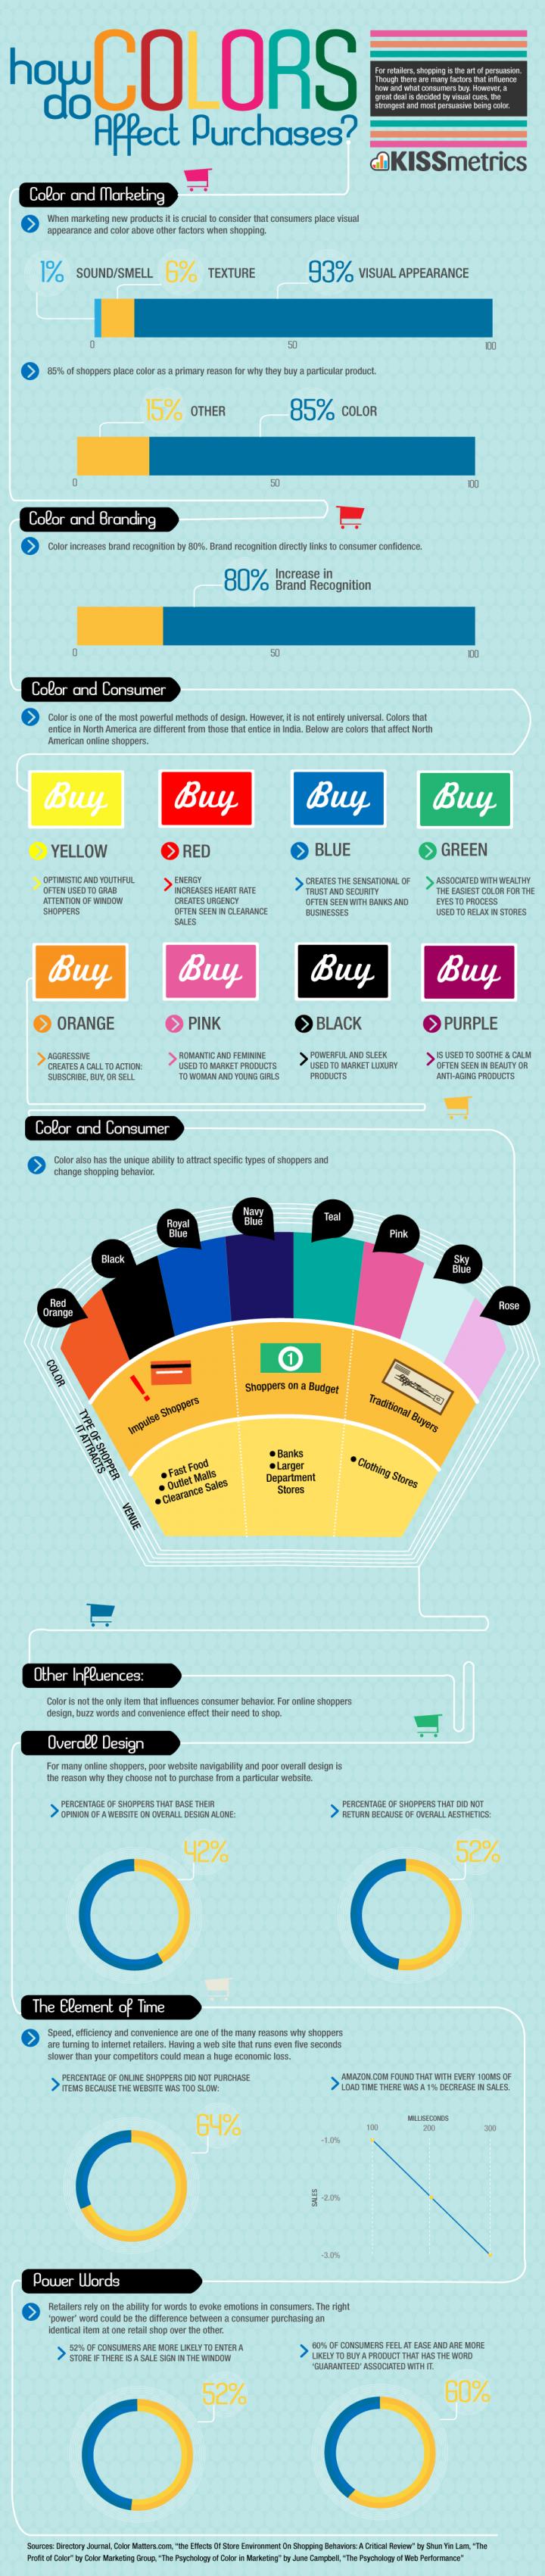 כיצד משפיעים צבעים על רכישה ברשת?